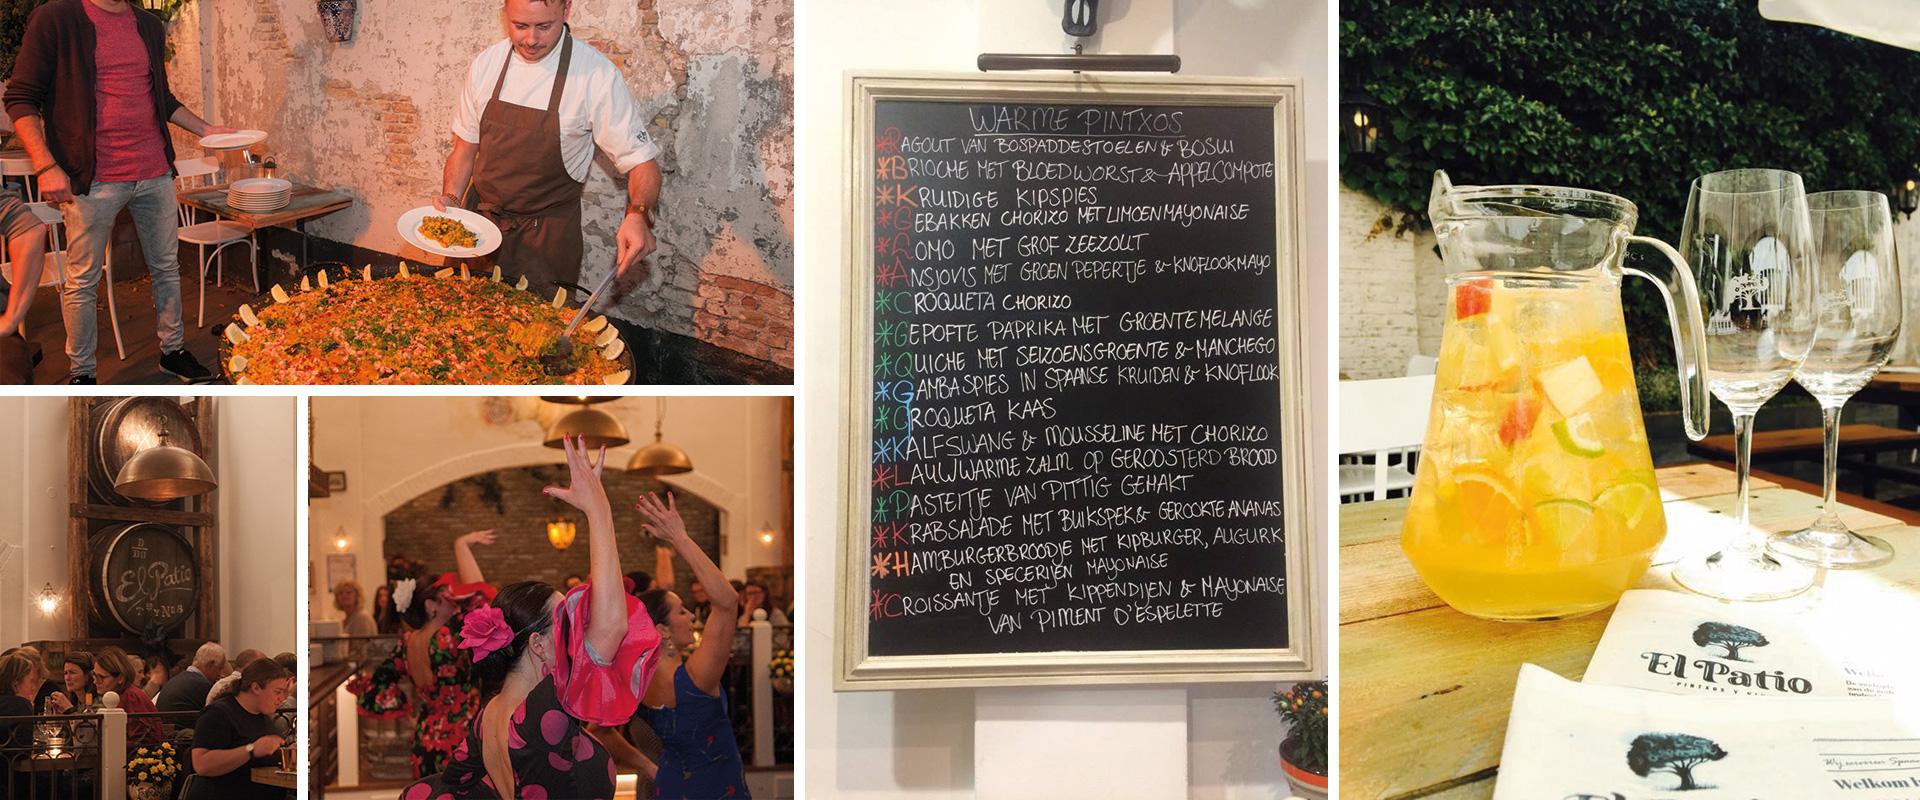 Sfeerbeelden El Patio Breda - Restaurant met Spaanse invloeden